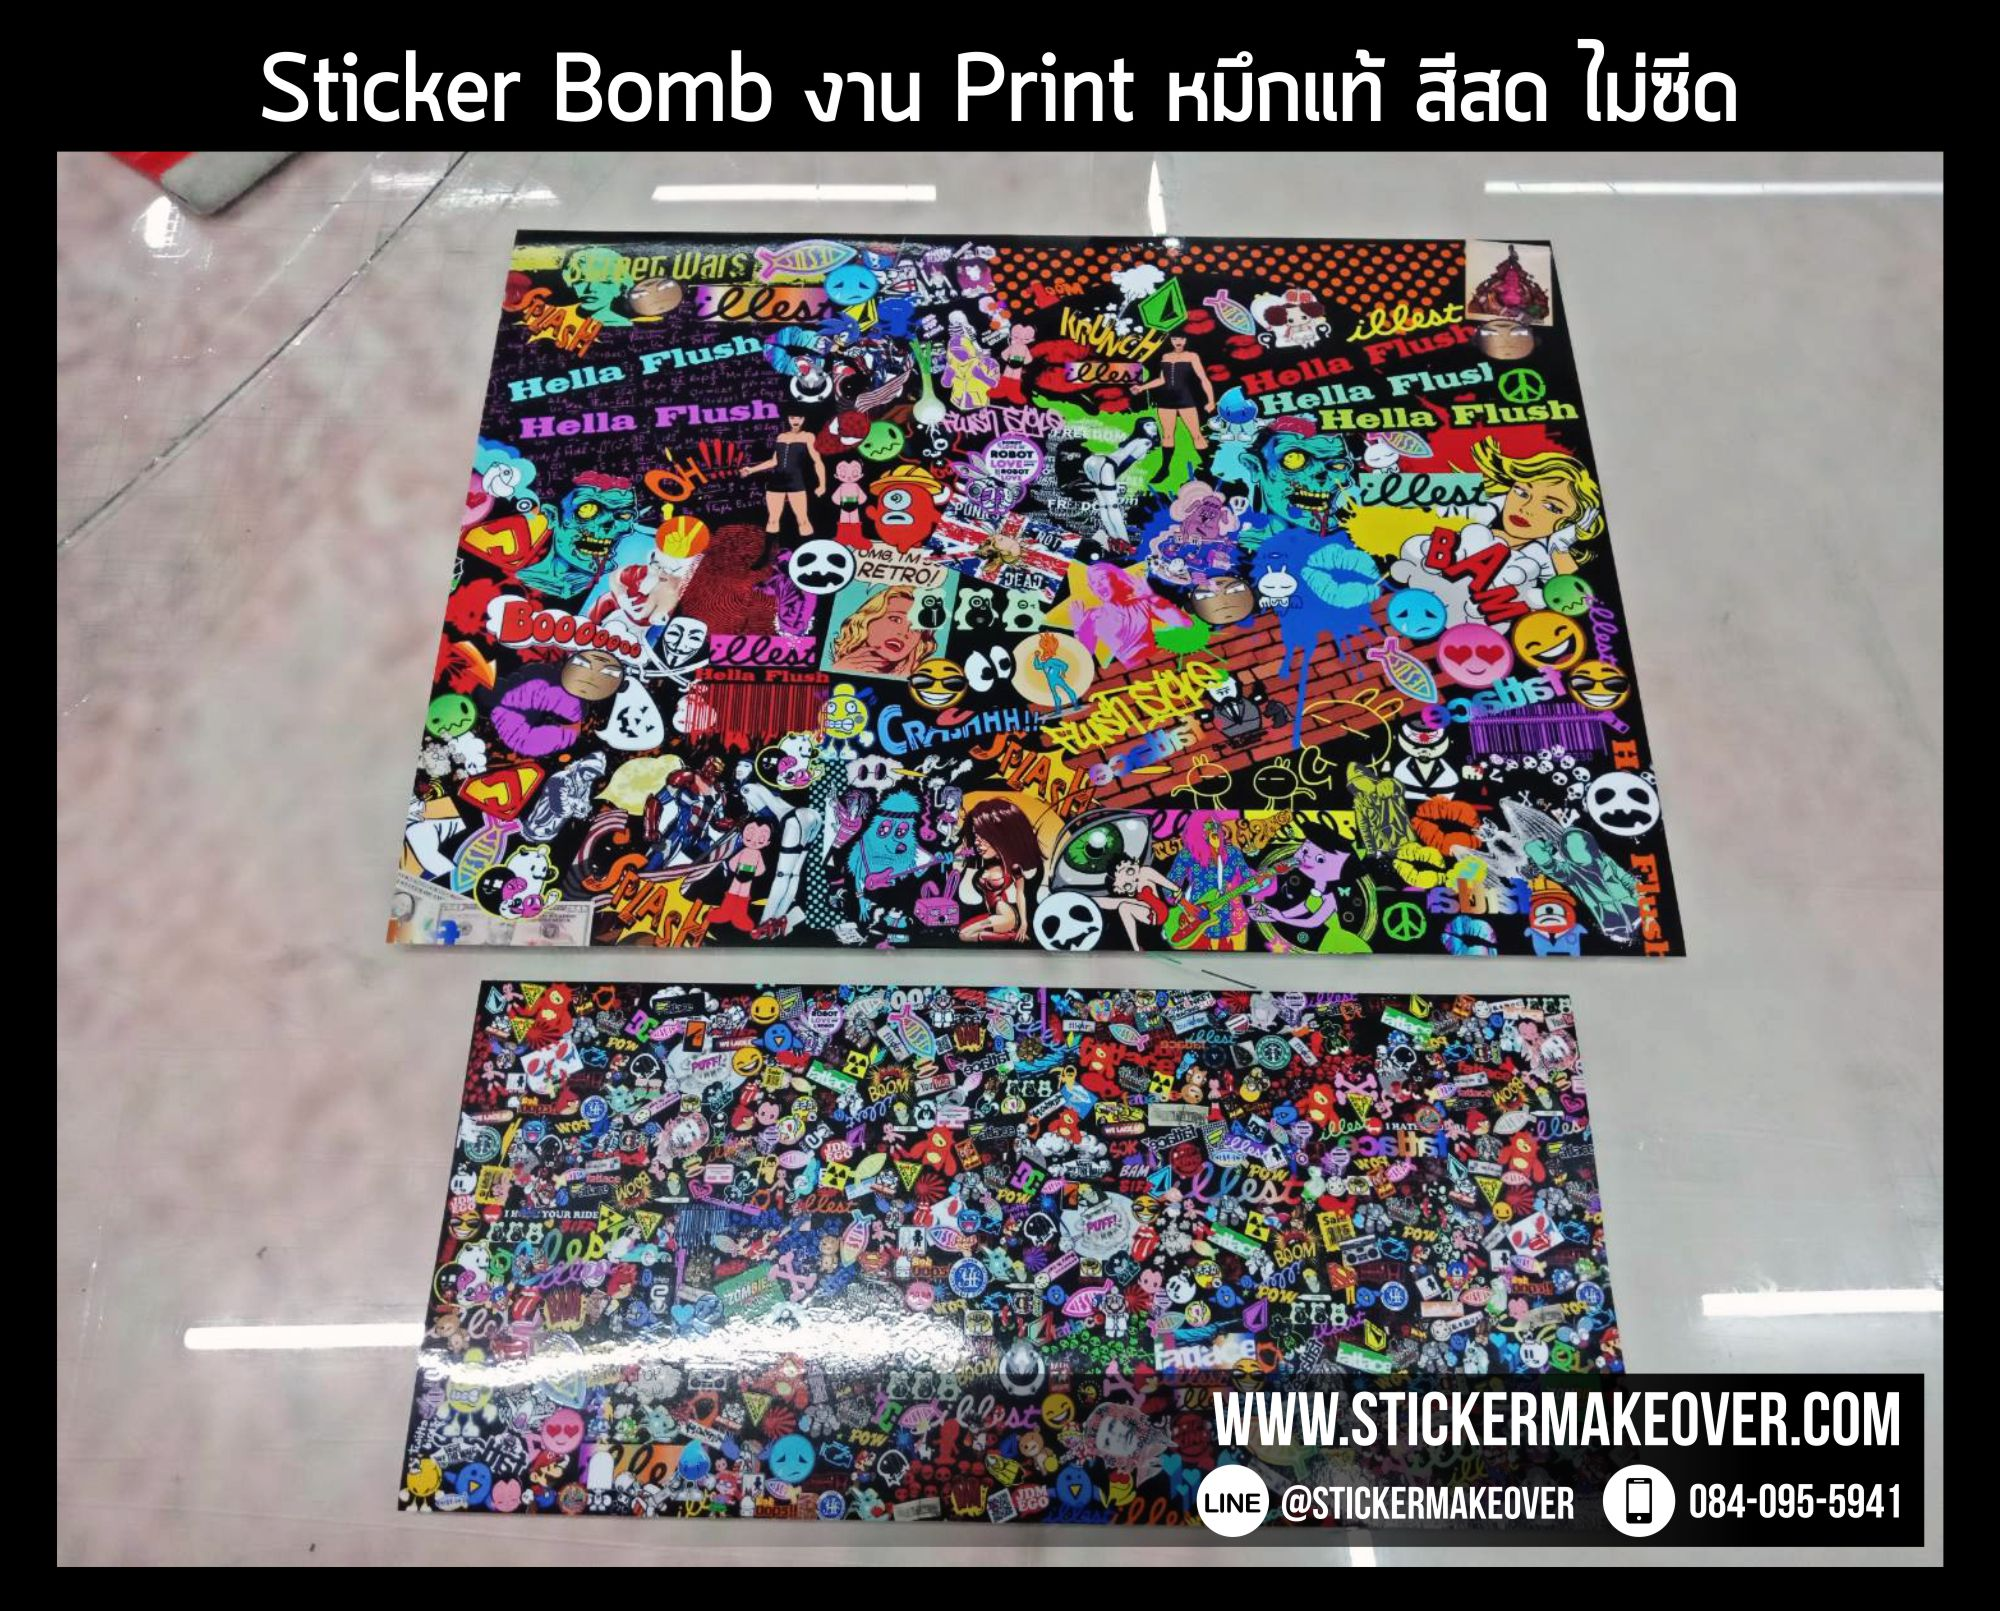 สติกเกอร์บอมบ์ ลายฟลัช sticker bomb sticker flush style สติ๊กเกอร์ลายการ์ตูน สติ๊กเกอร์บอมบ์